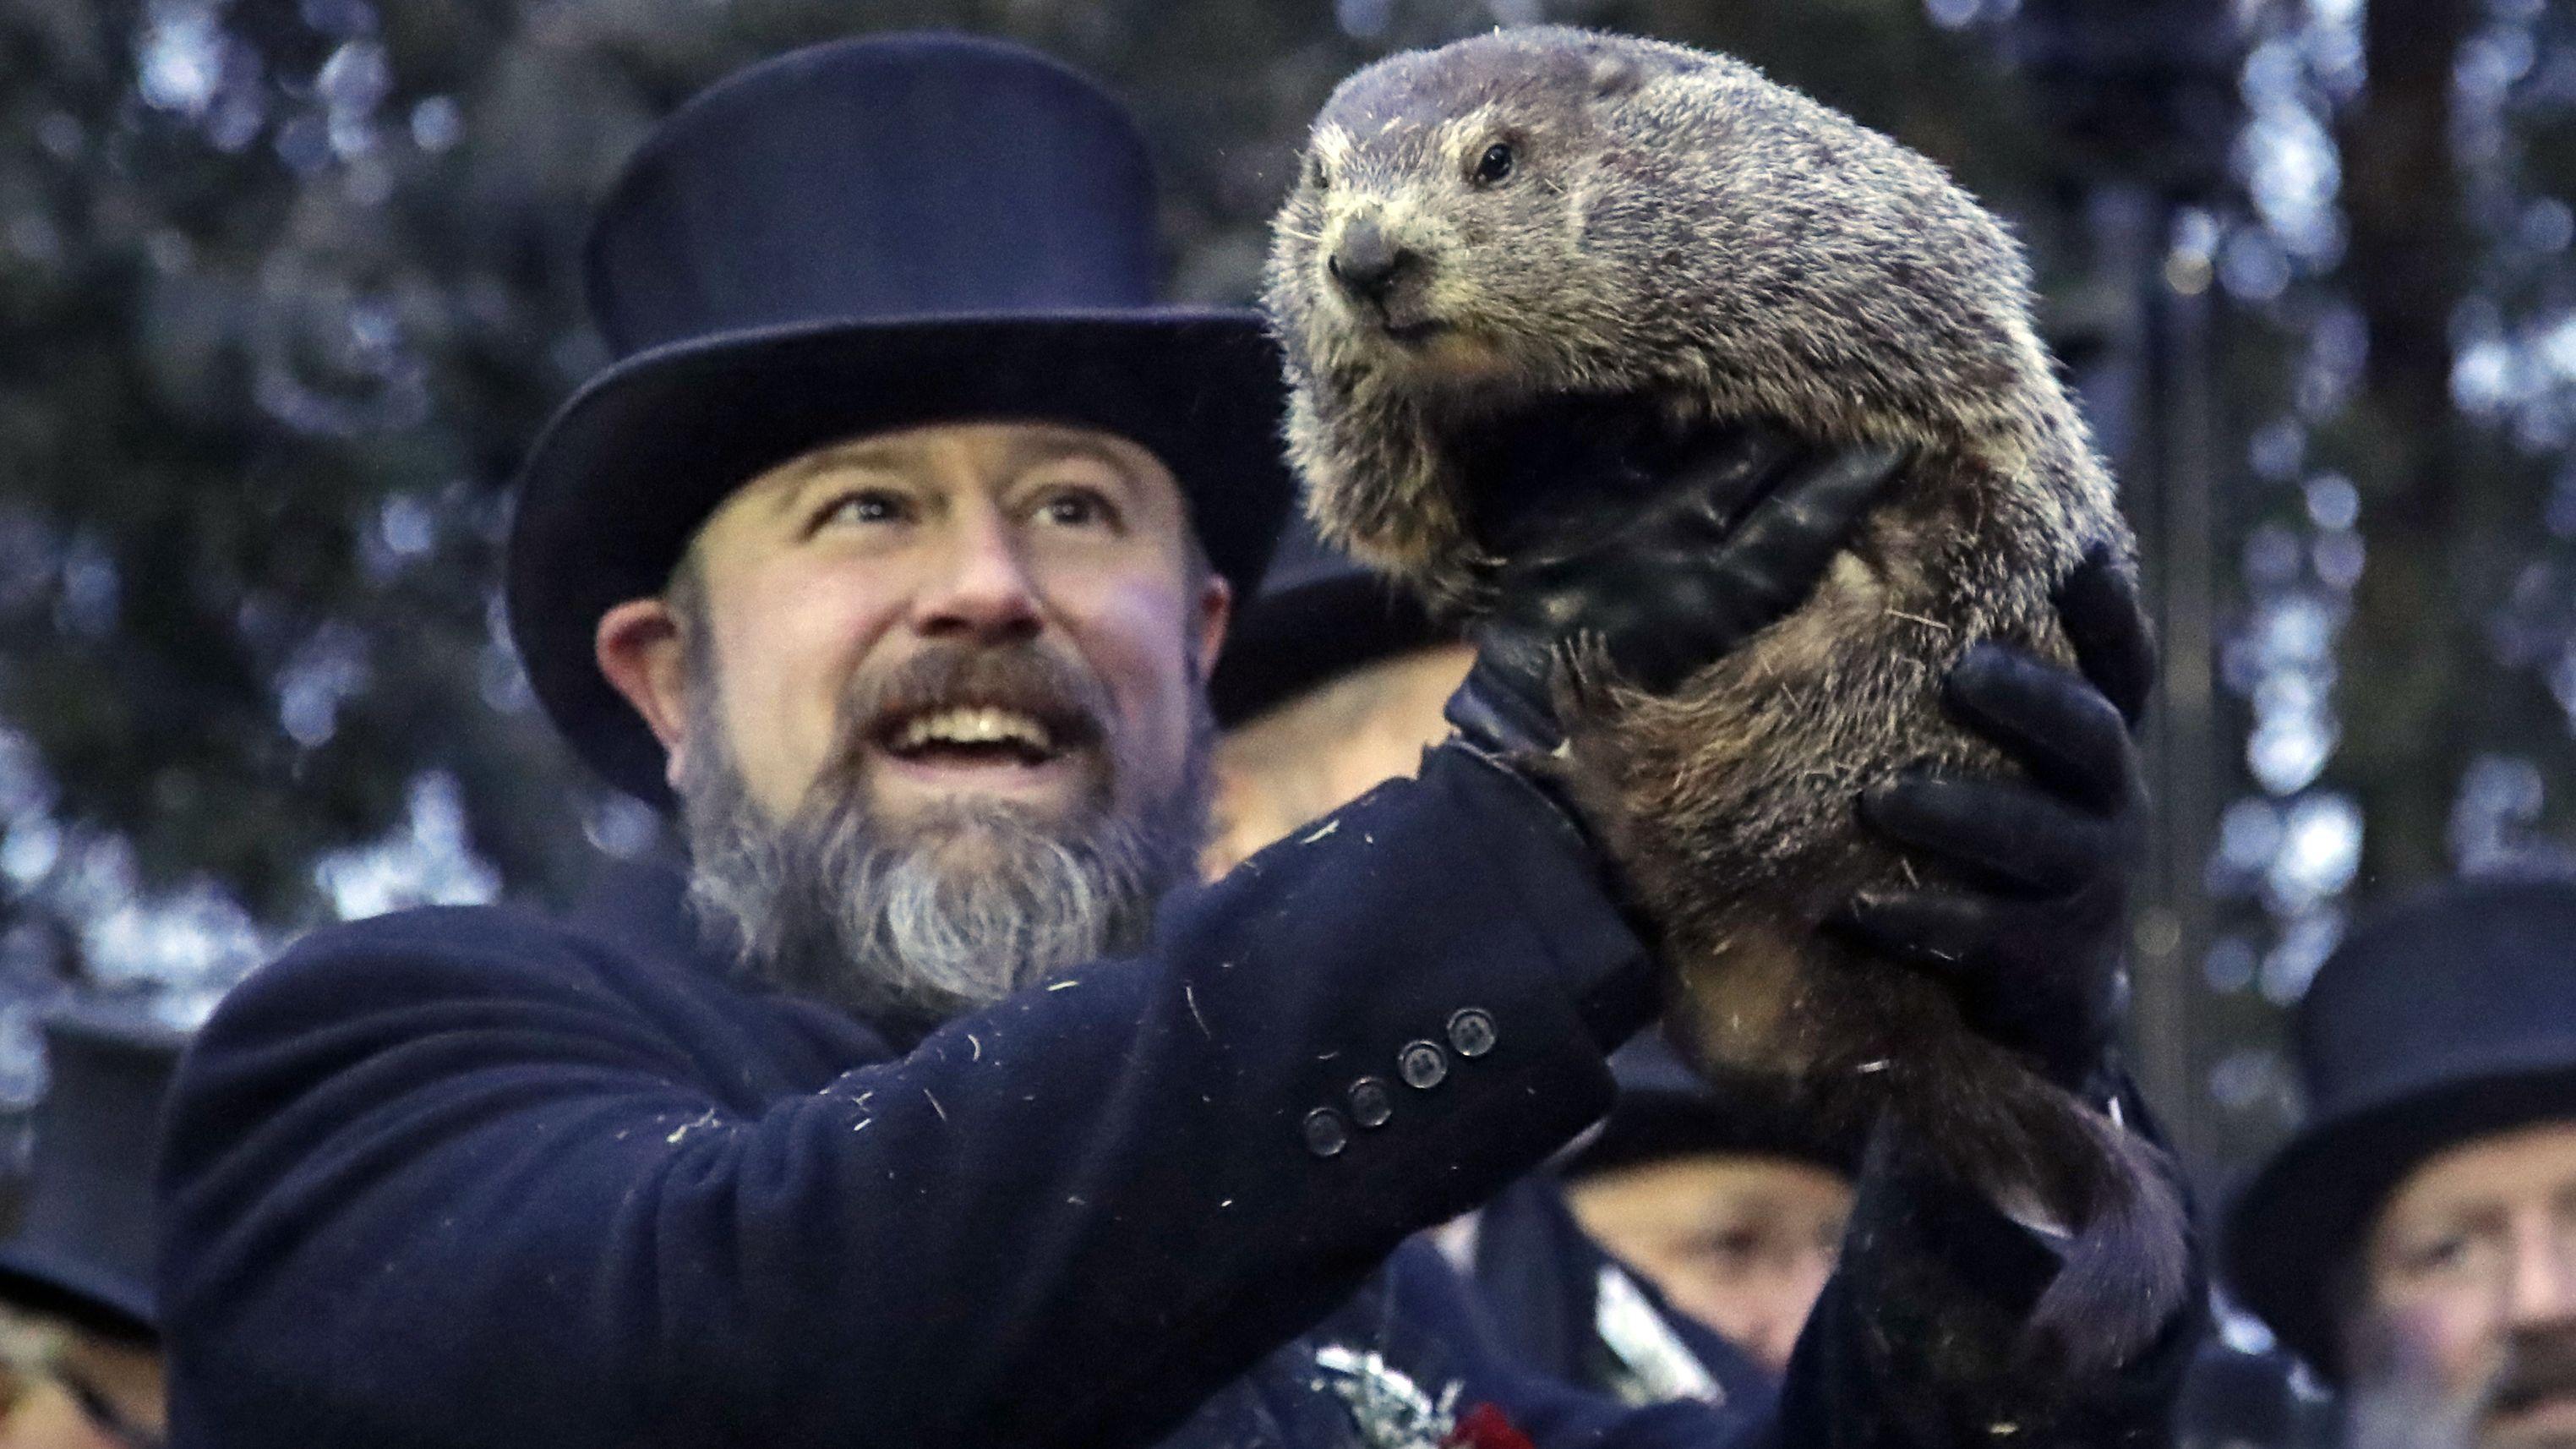 Ein Mitglied des Murmeltierclubs in Pennsylvania hält ein Murmeltier hoch.